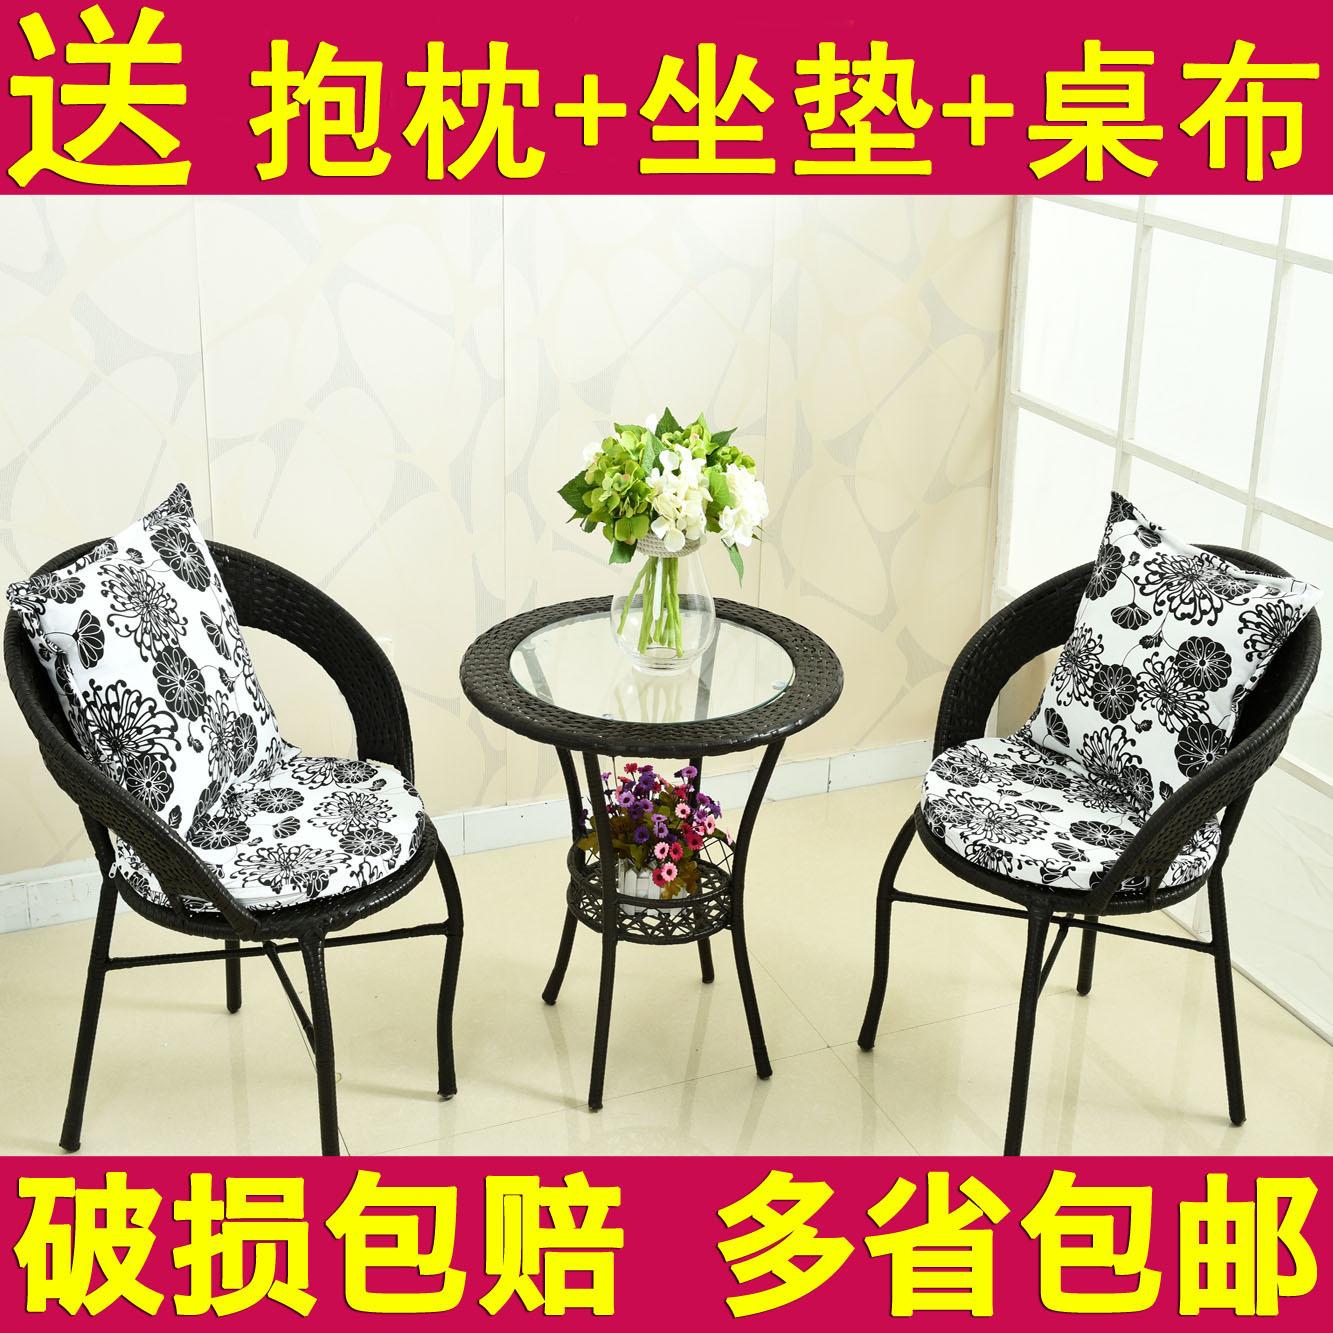 Балкон столы и стулья плетеный стул кофейный столик три образца на открытом воздухе случайный гостиная мебель сочетание специальное предложение ротанг стул пять частей